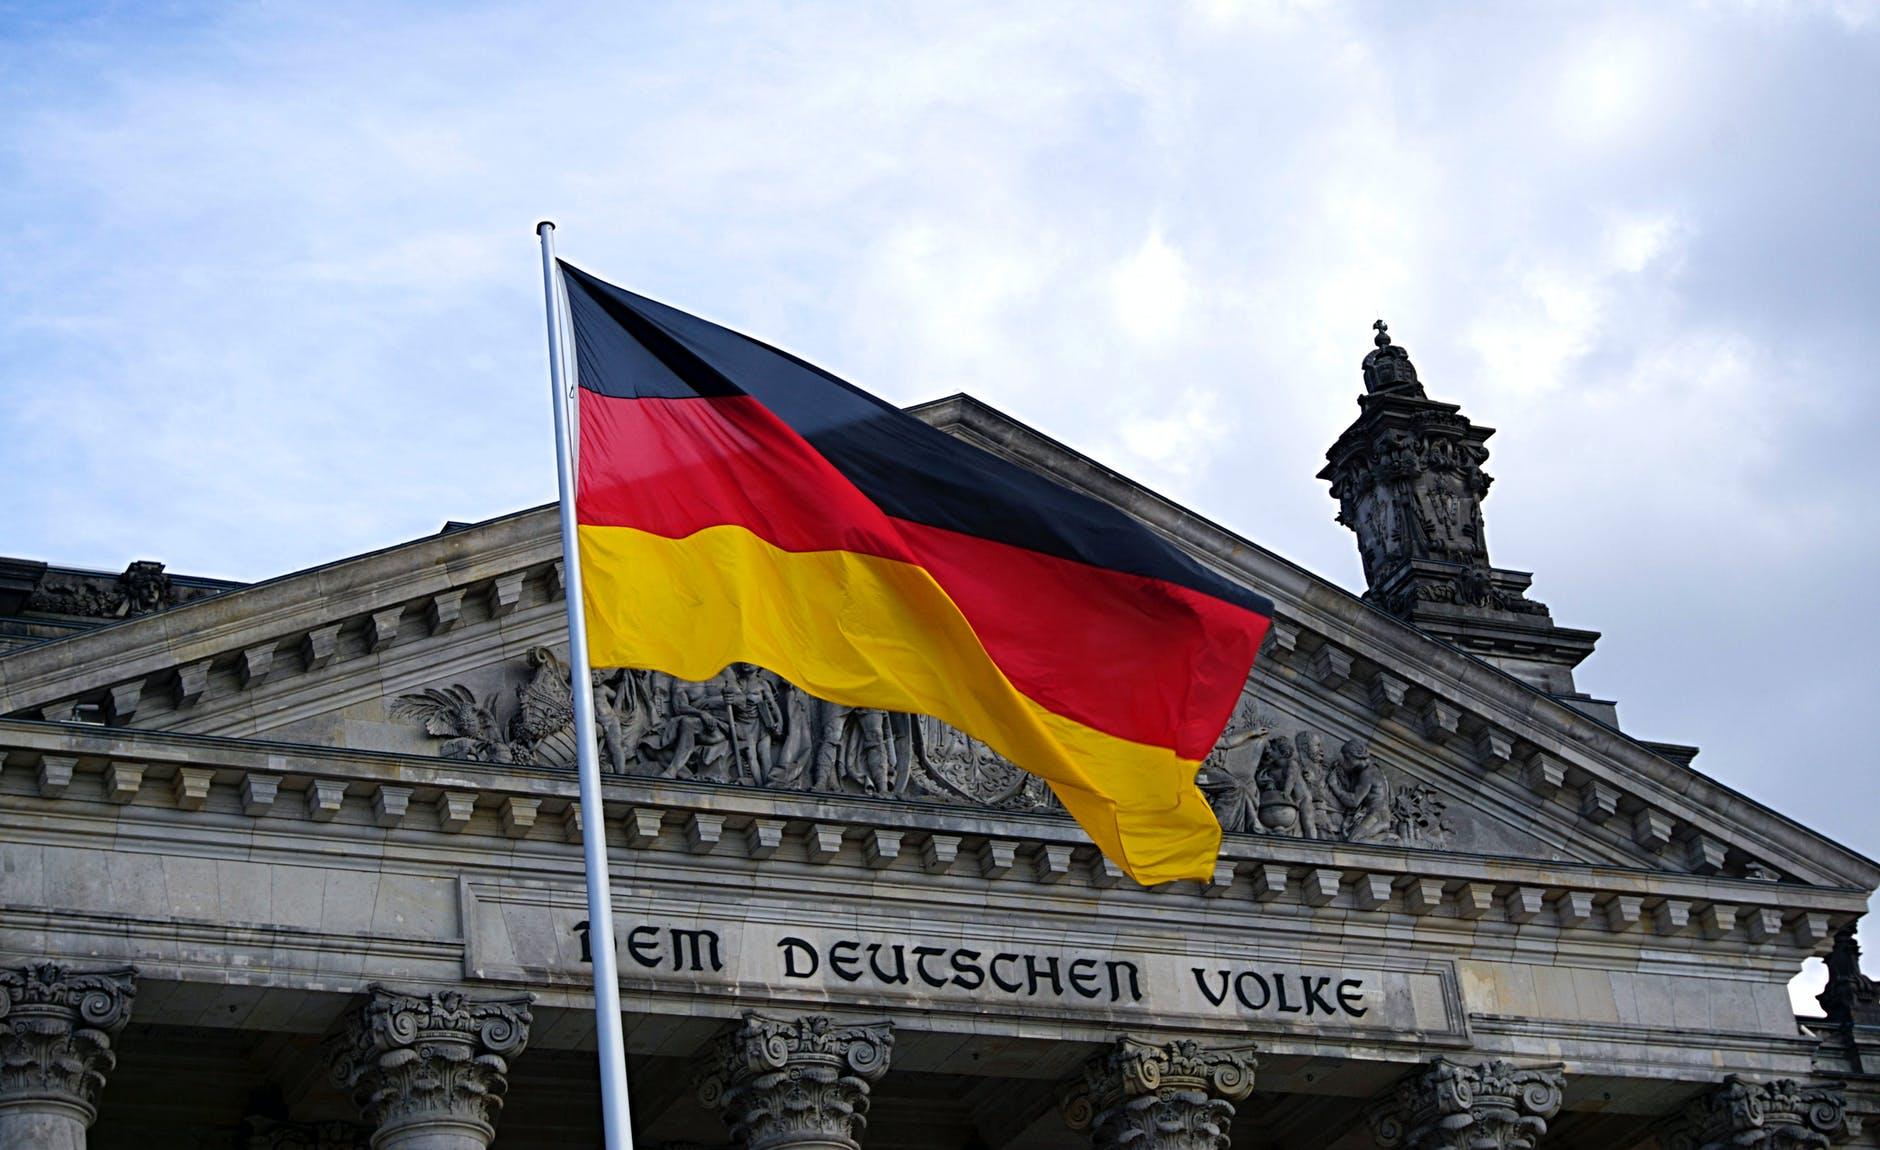 Germania. Modifica retroattiva dei pedaggi per i mezzi pesanti valida dal 28 Ottobre 2020.